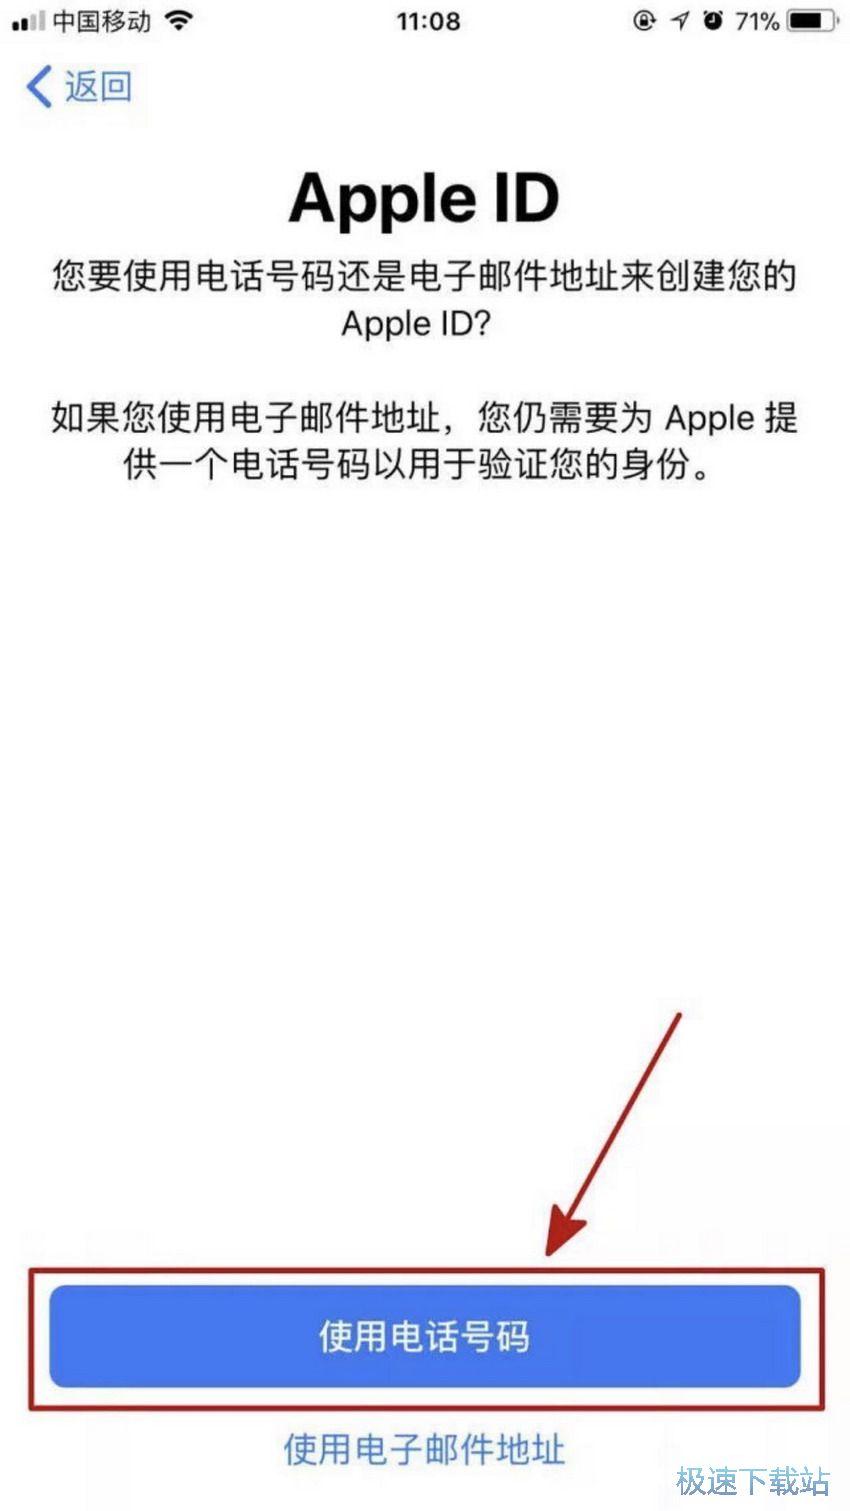 图:手机号注册苹果ID教程